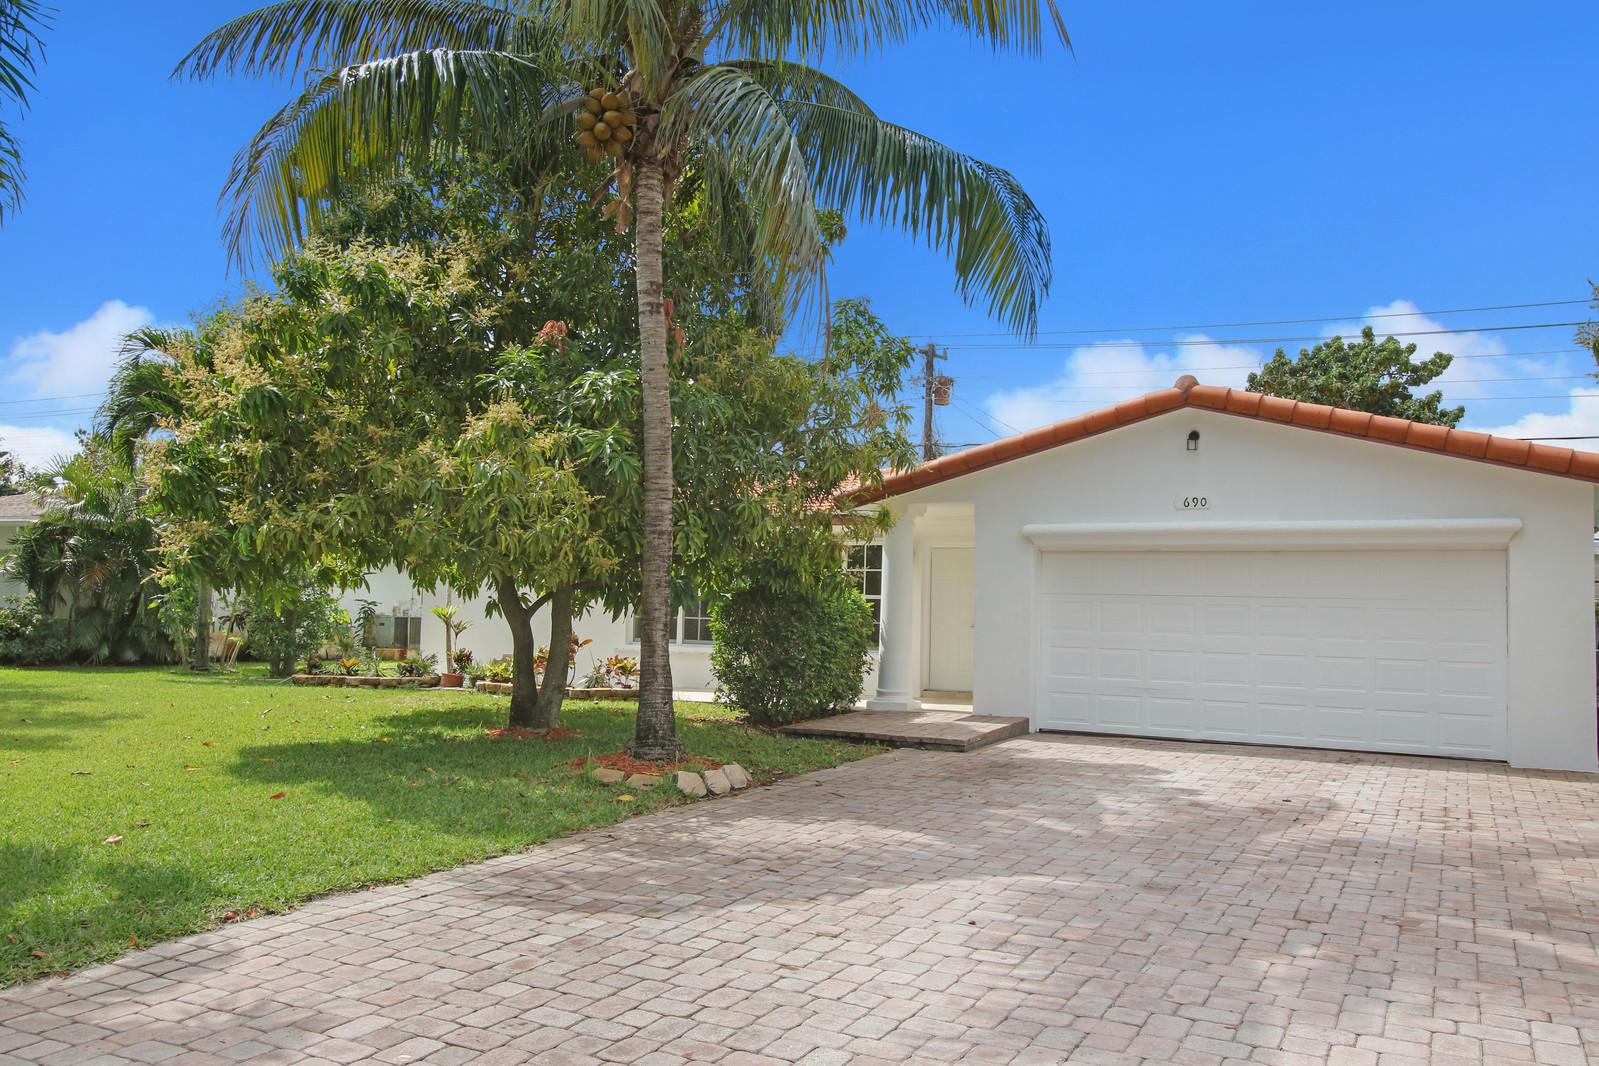 690 Heron Drive  Delray Beach, FL 33444